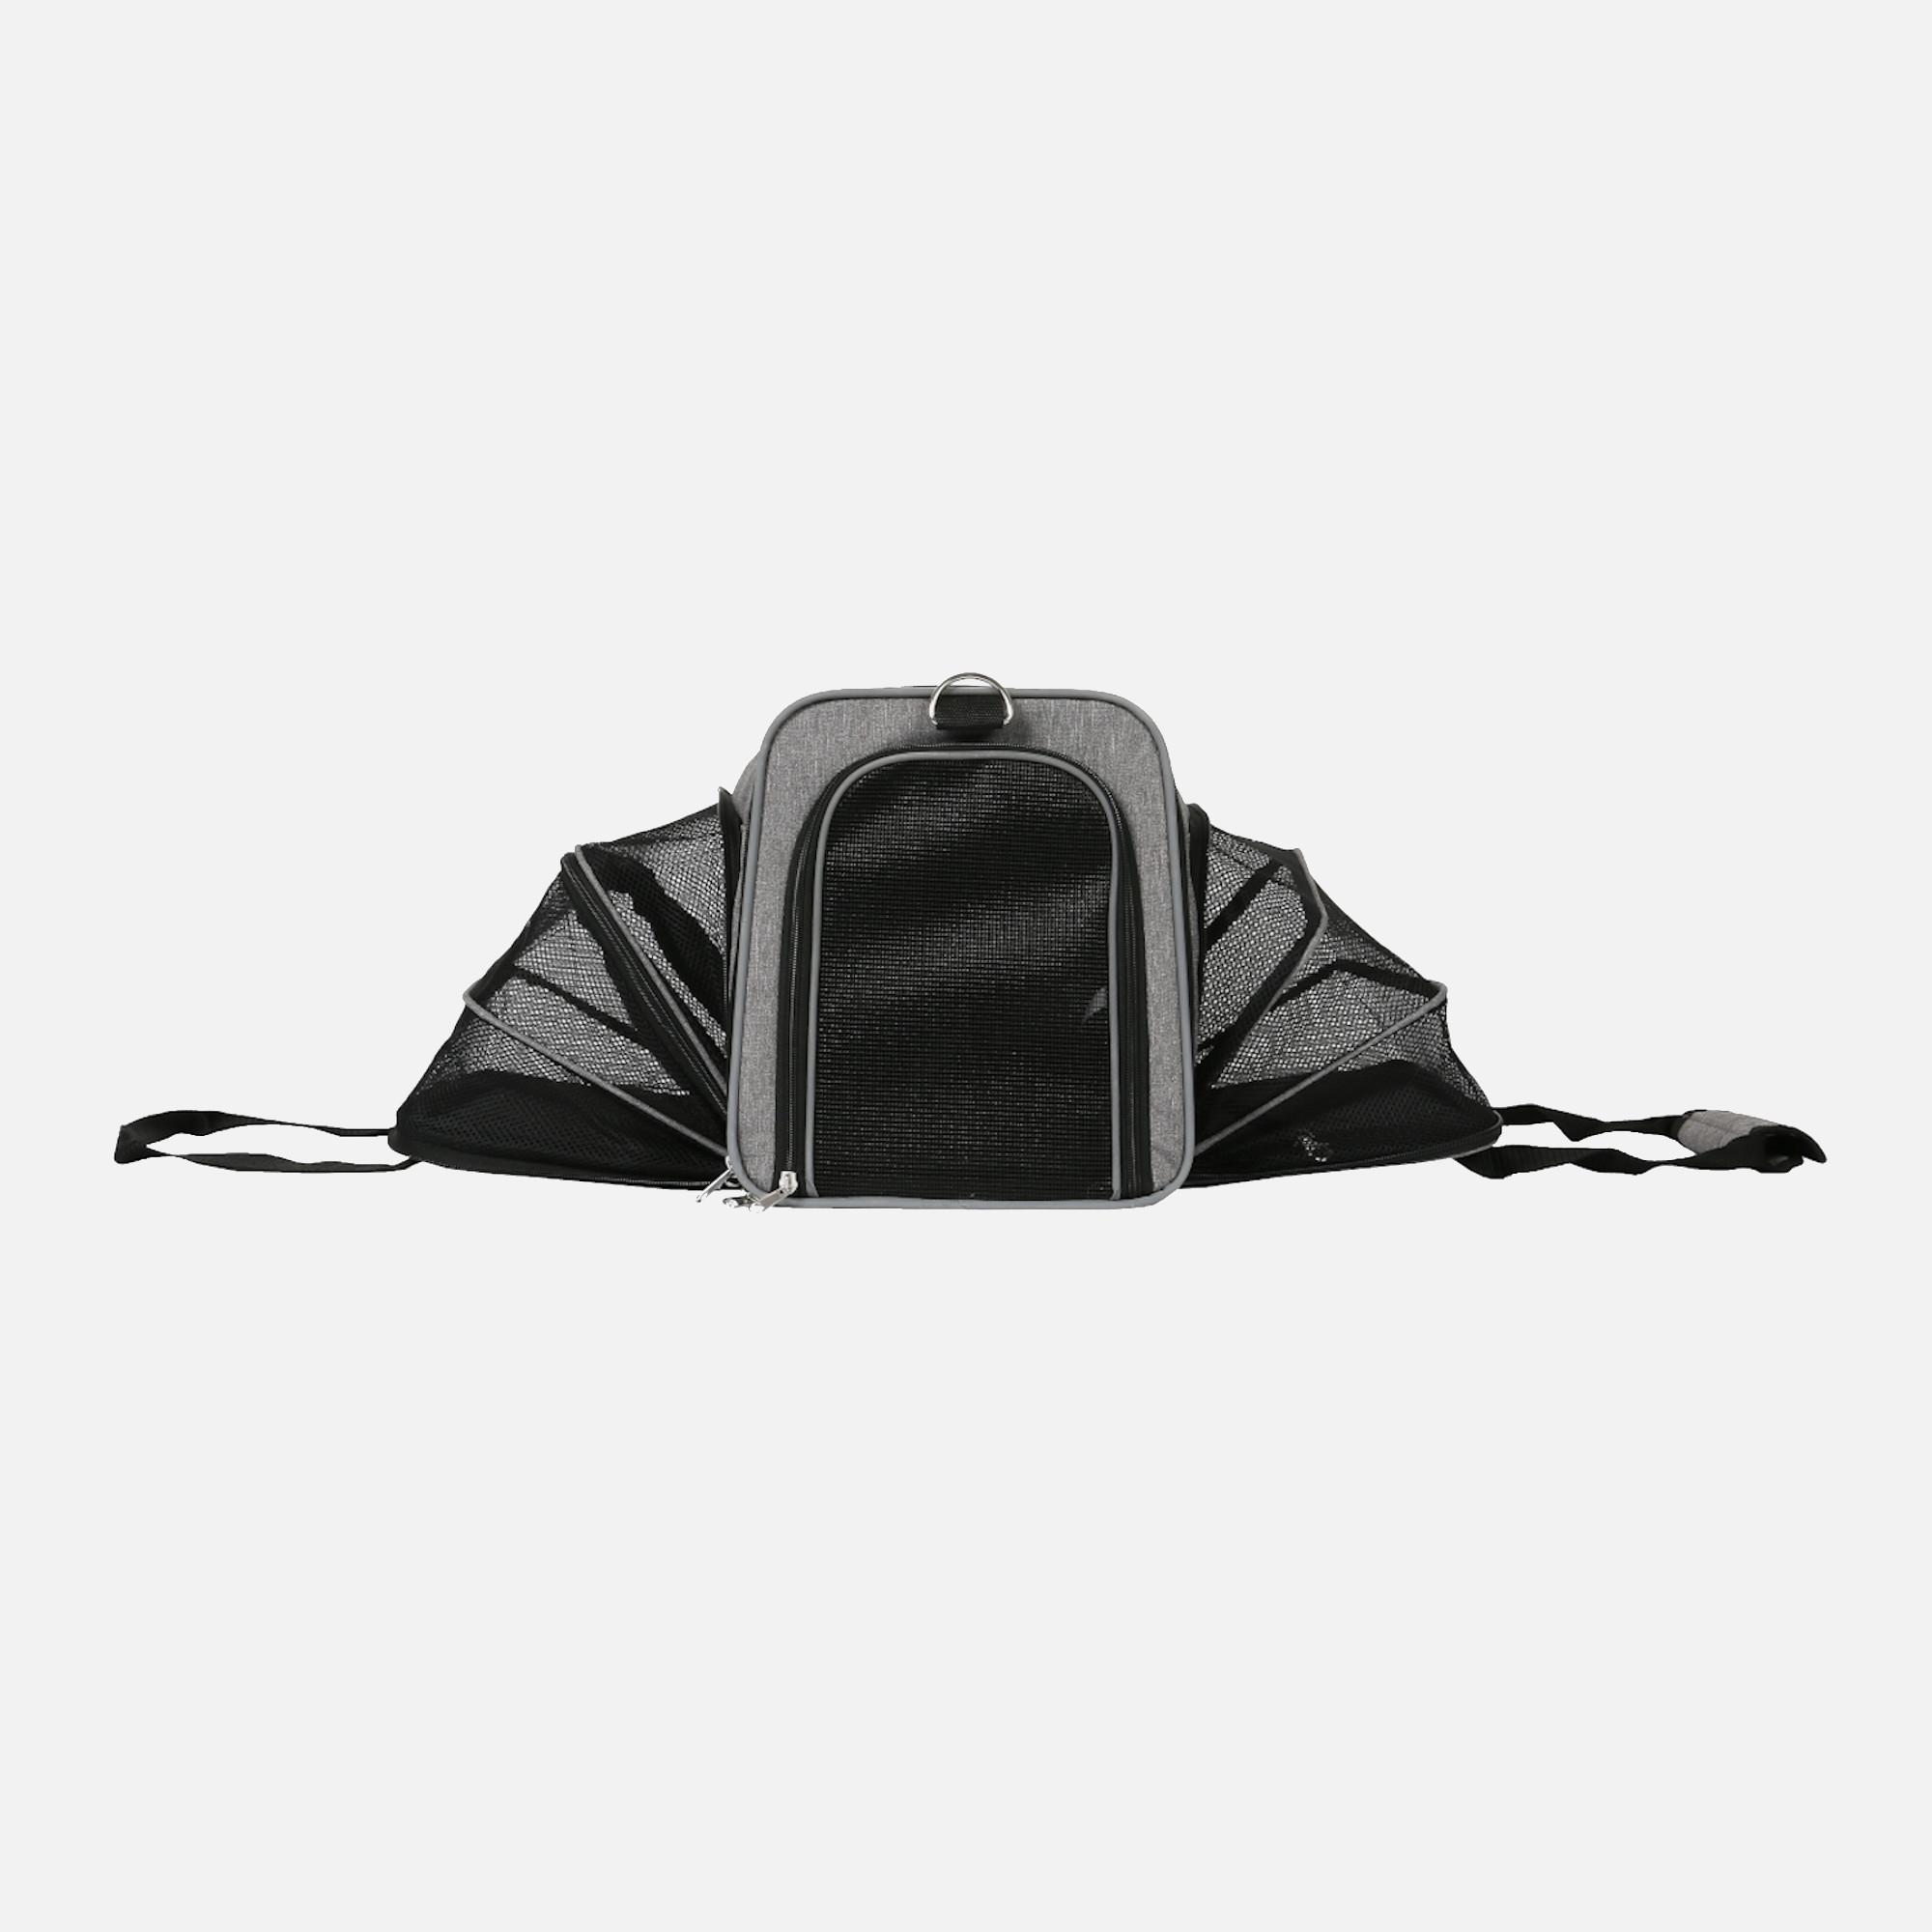 sac camping gris déplié de wouapy